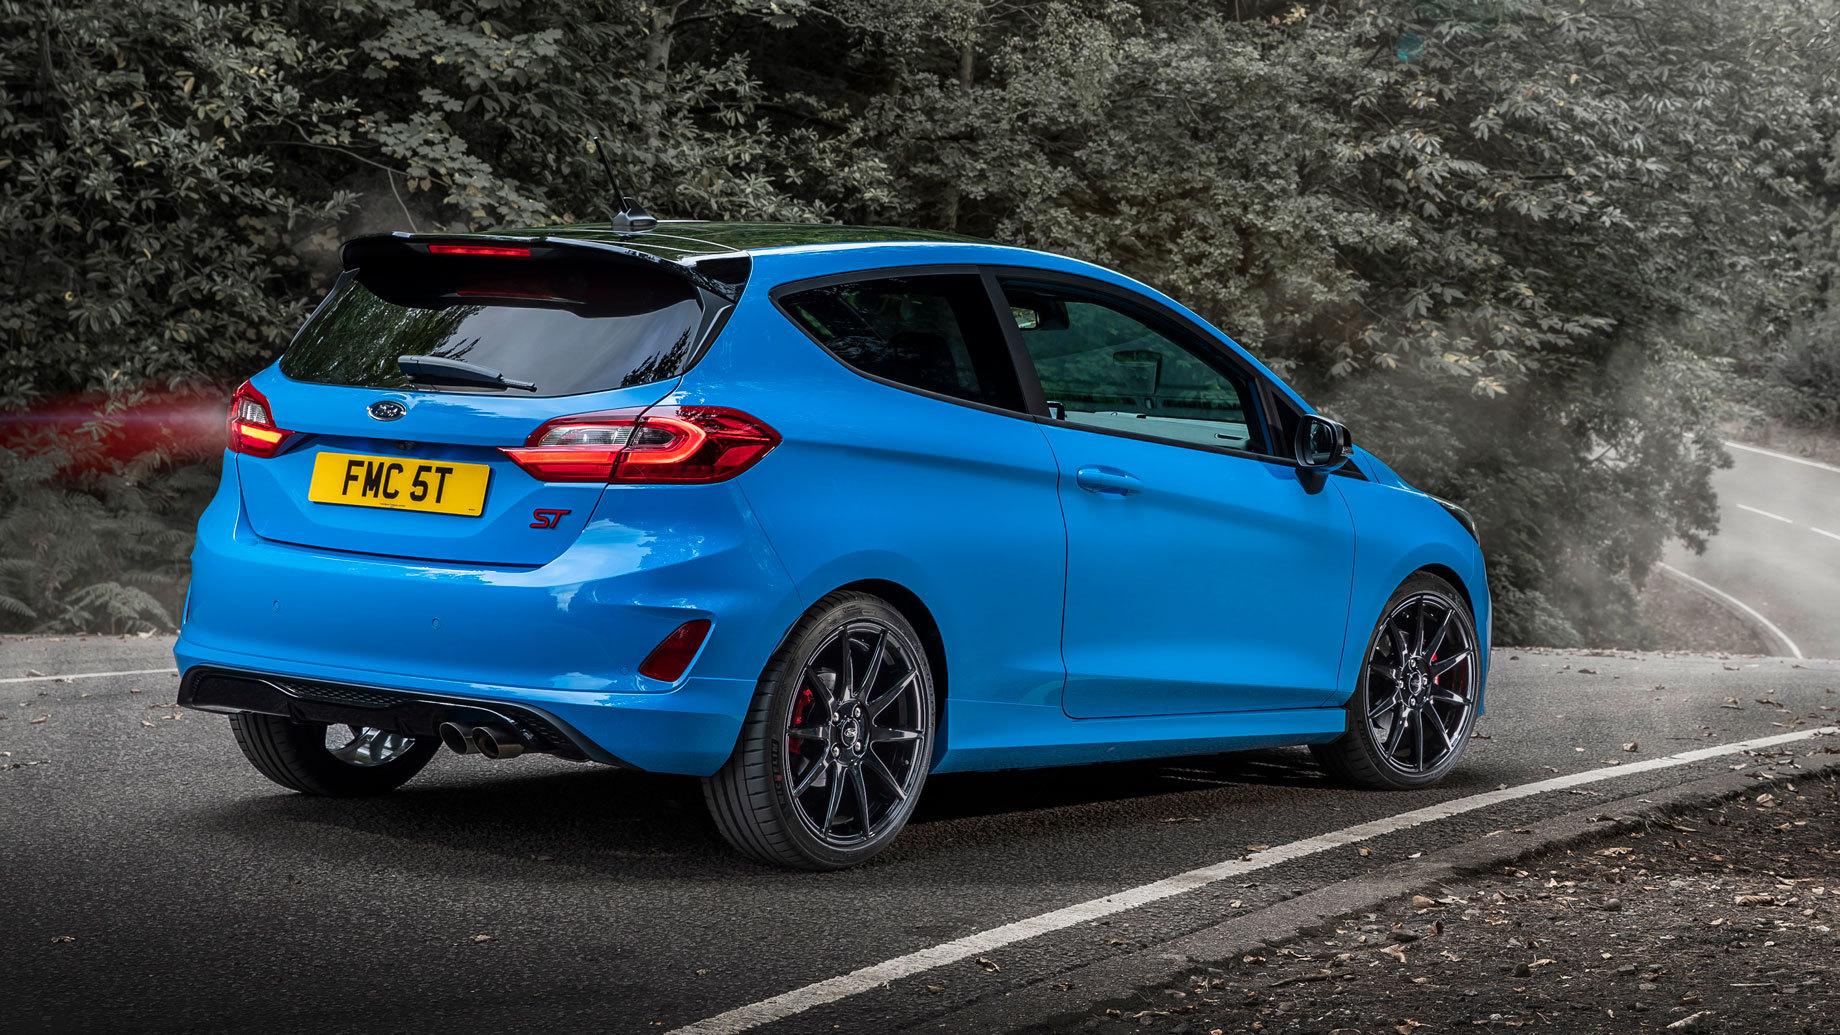 Ford Fiesta ST Edition предложил ручную настройку подвески